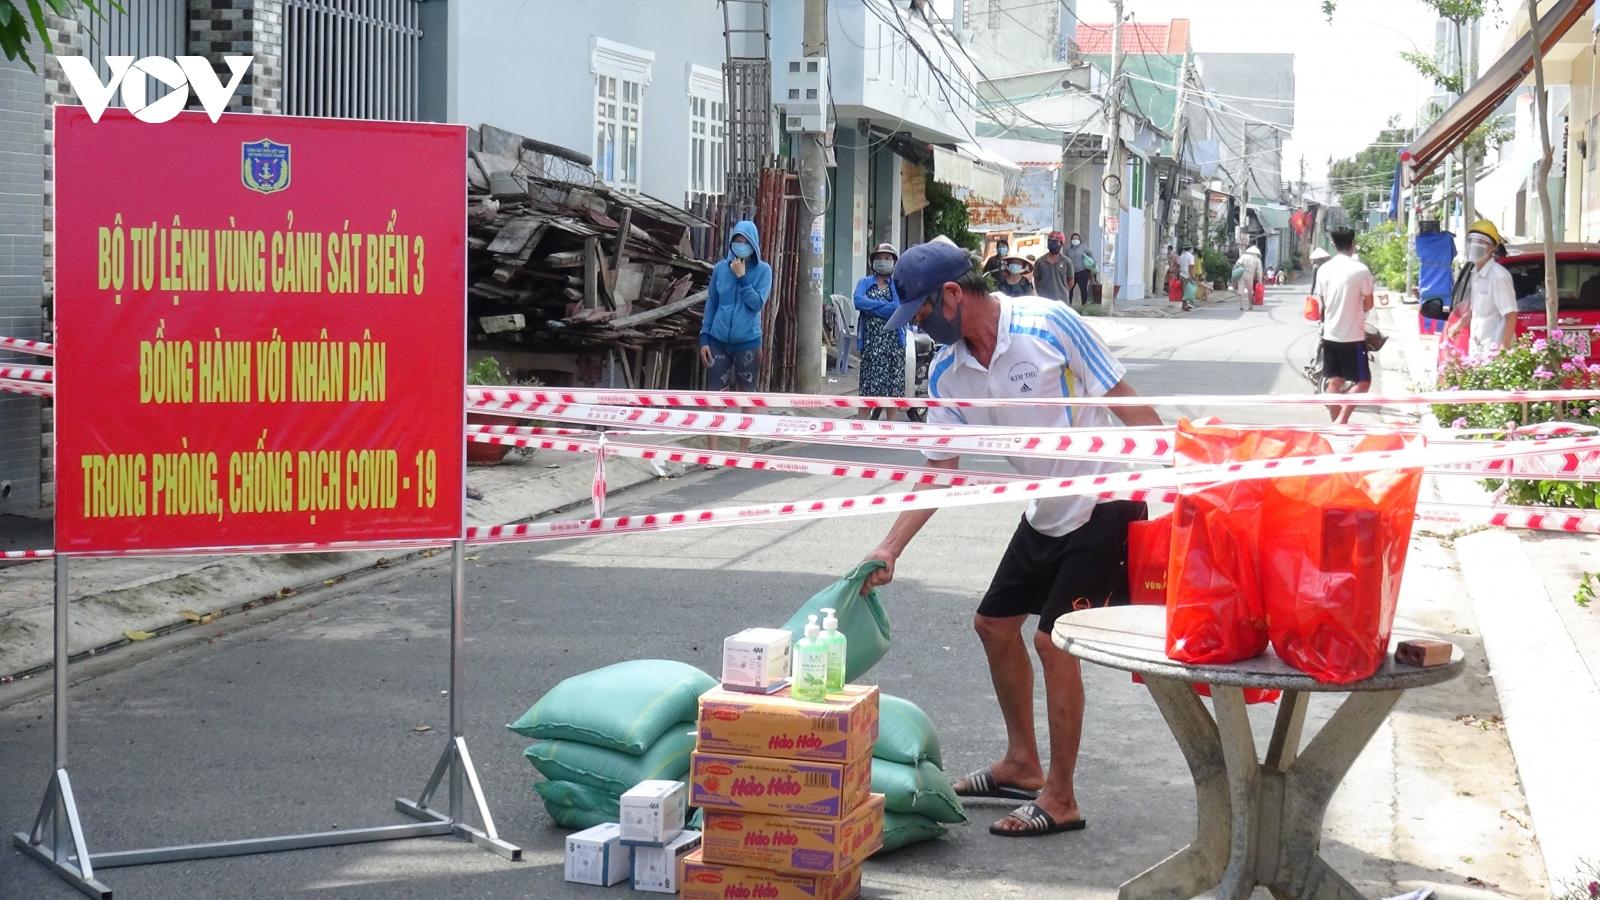 Vùng Cảnh sát biển 3 gửi tặng hàng trăm phần quà cho người dân trong khu phong tỏa